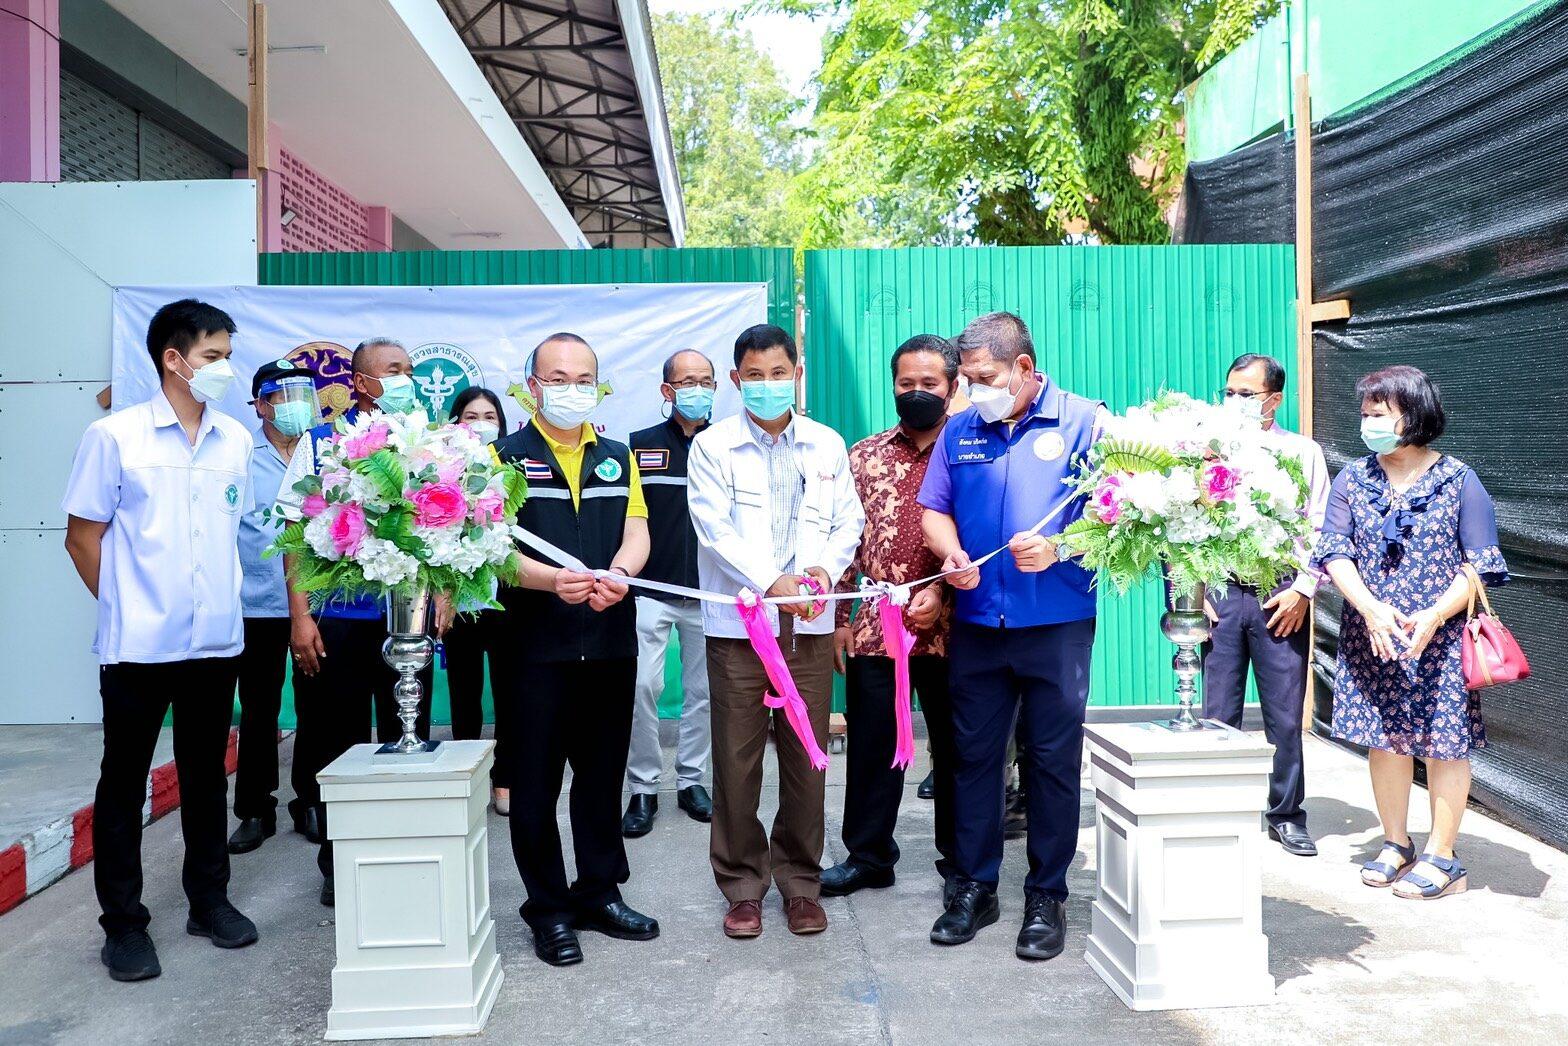 นราธิวาสเปิดโรงพยาบาลสนามแห่งที่ 7 รองรับผู้ป่วยโควิด19 ได้ 200 เตียง